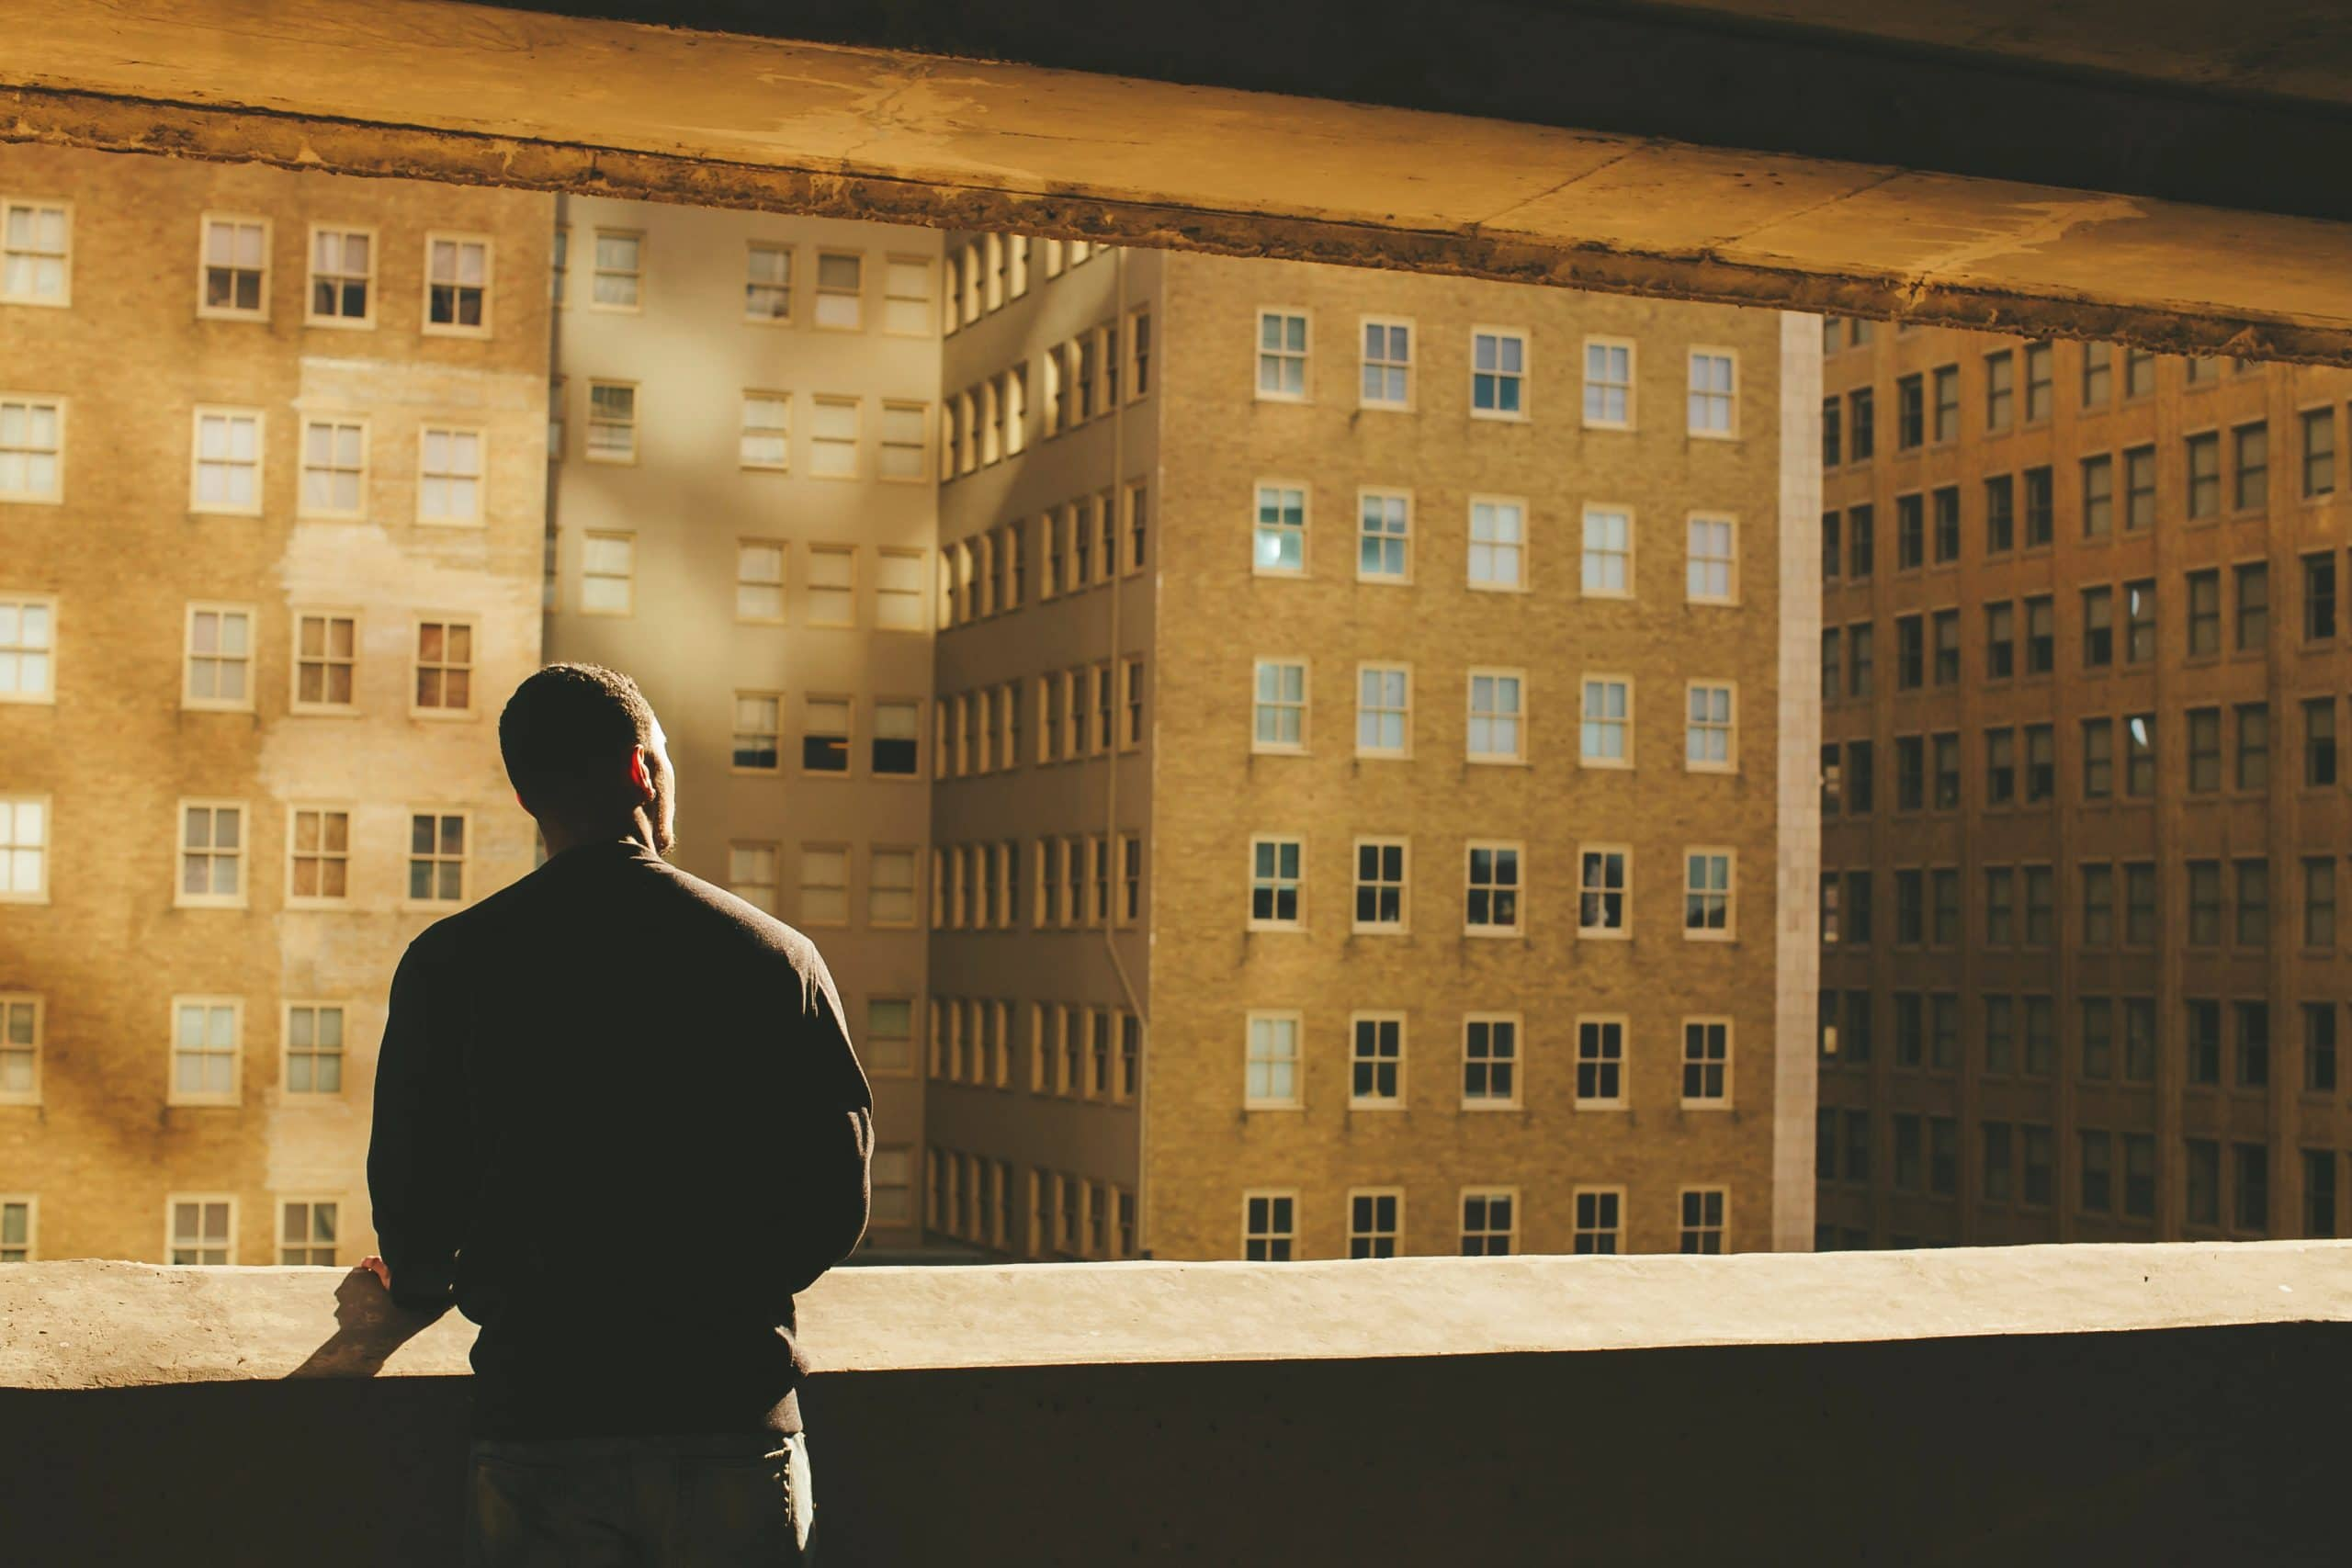 Homem pensando olhando para prédios pela janela.